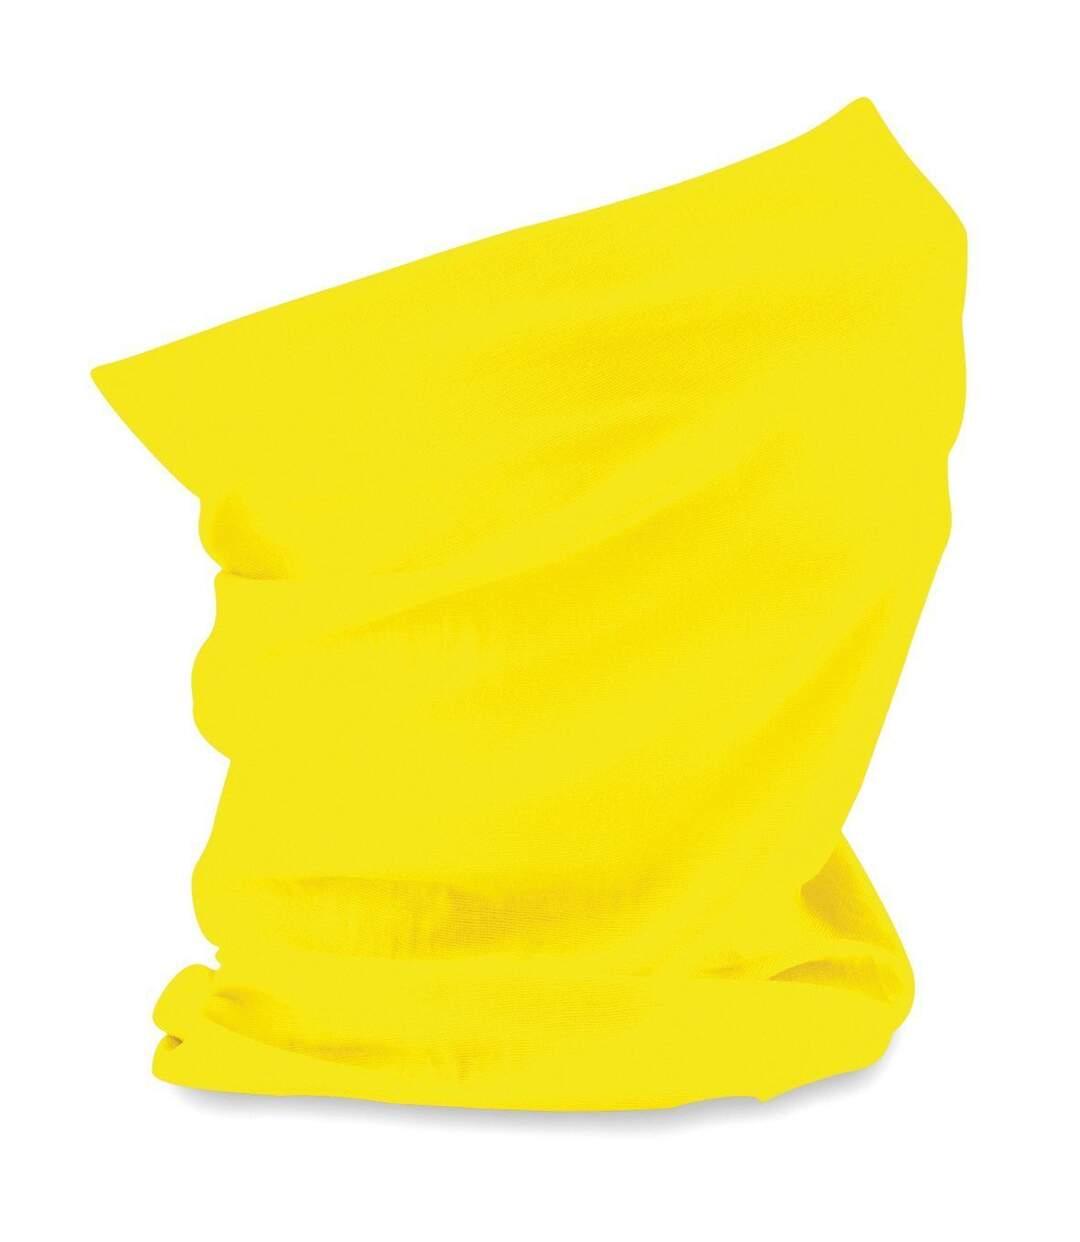 Echarpe tubulaire - tour de cou adulte - B900 - jaune